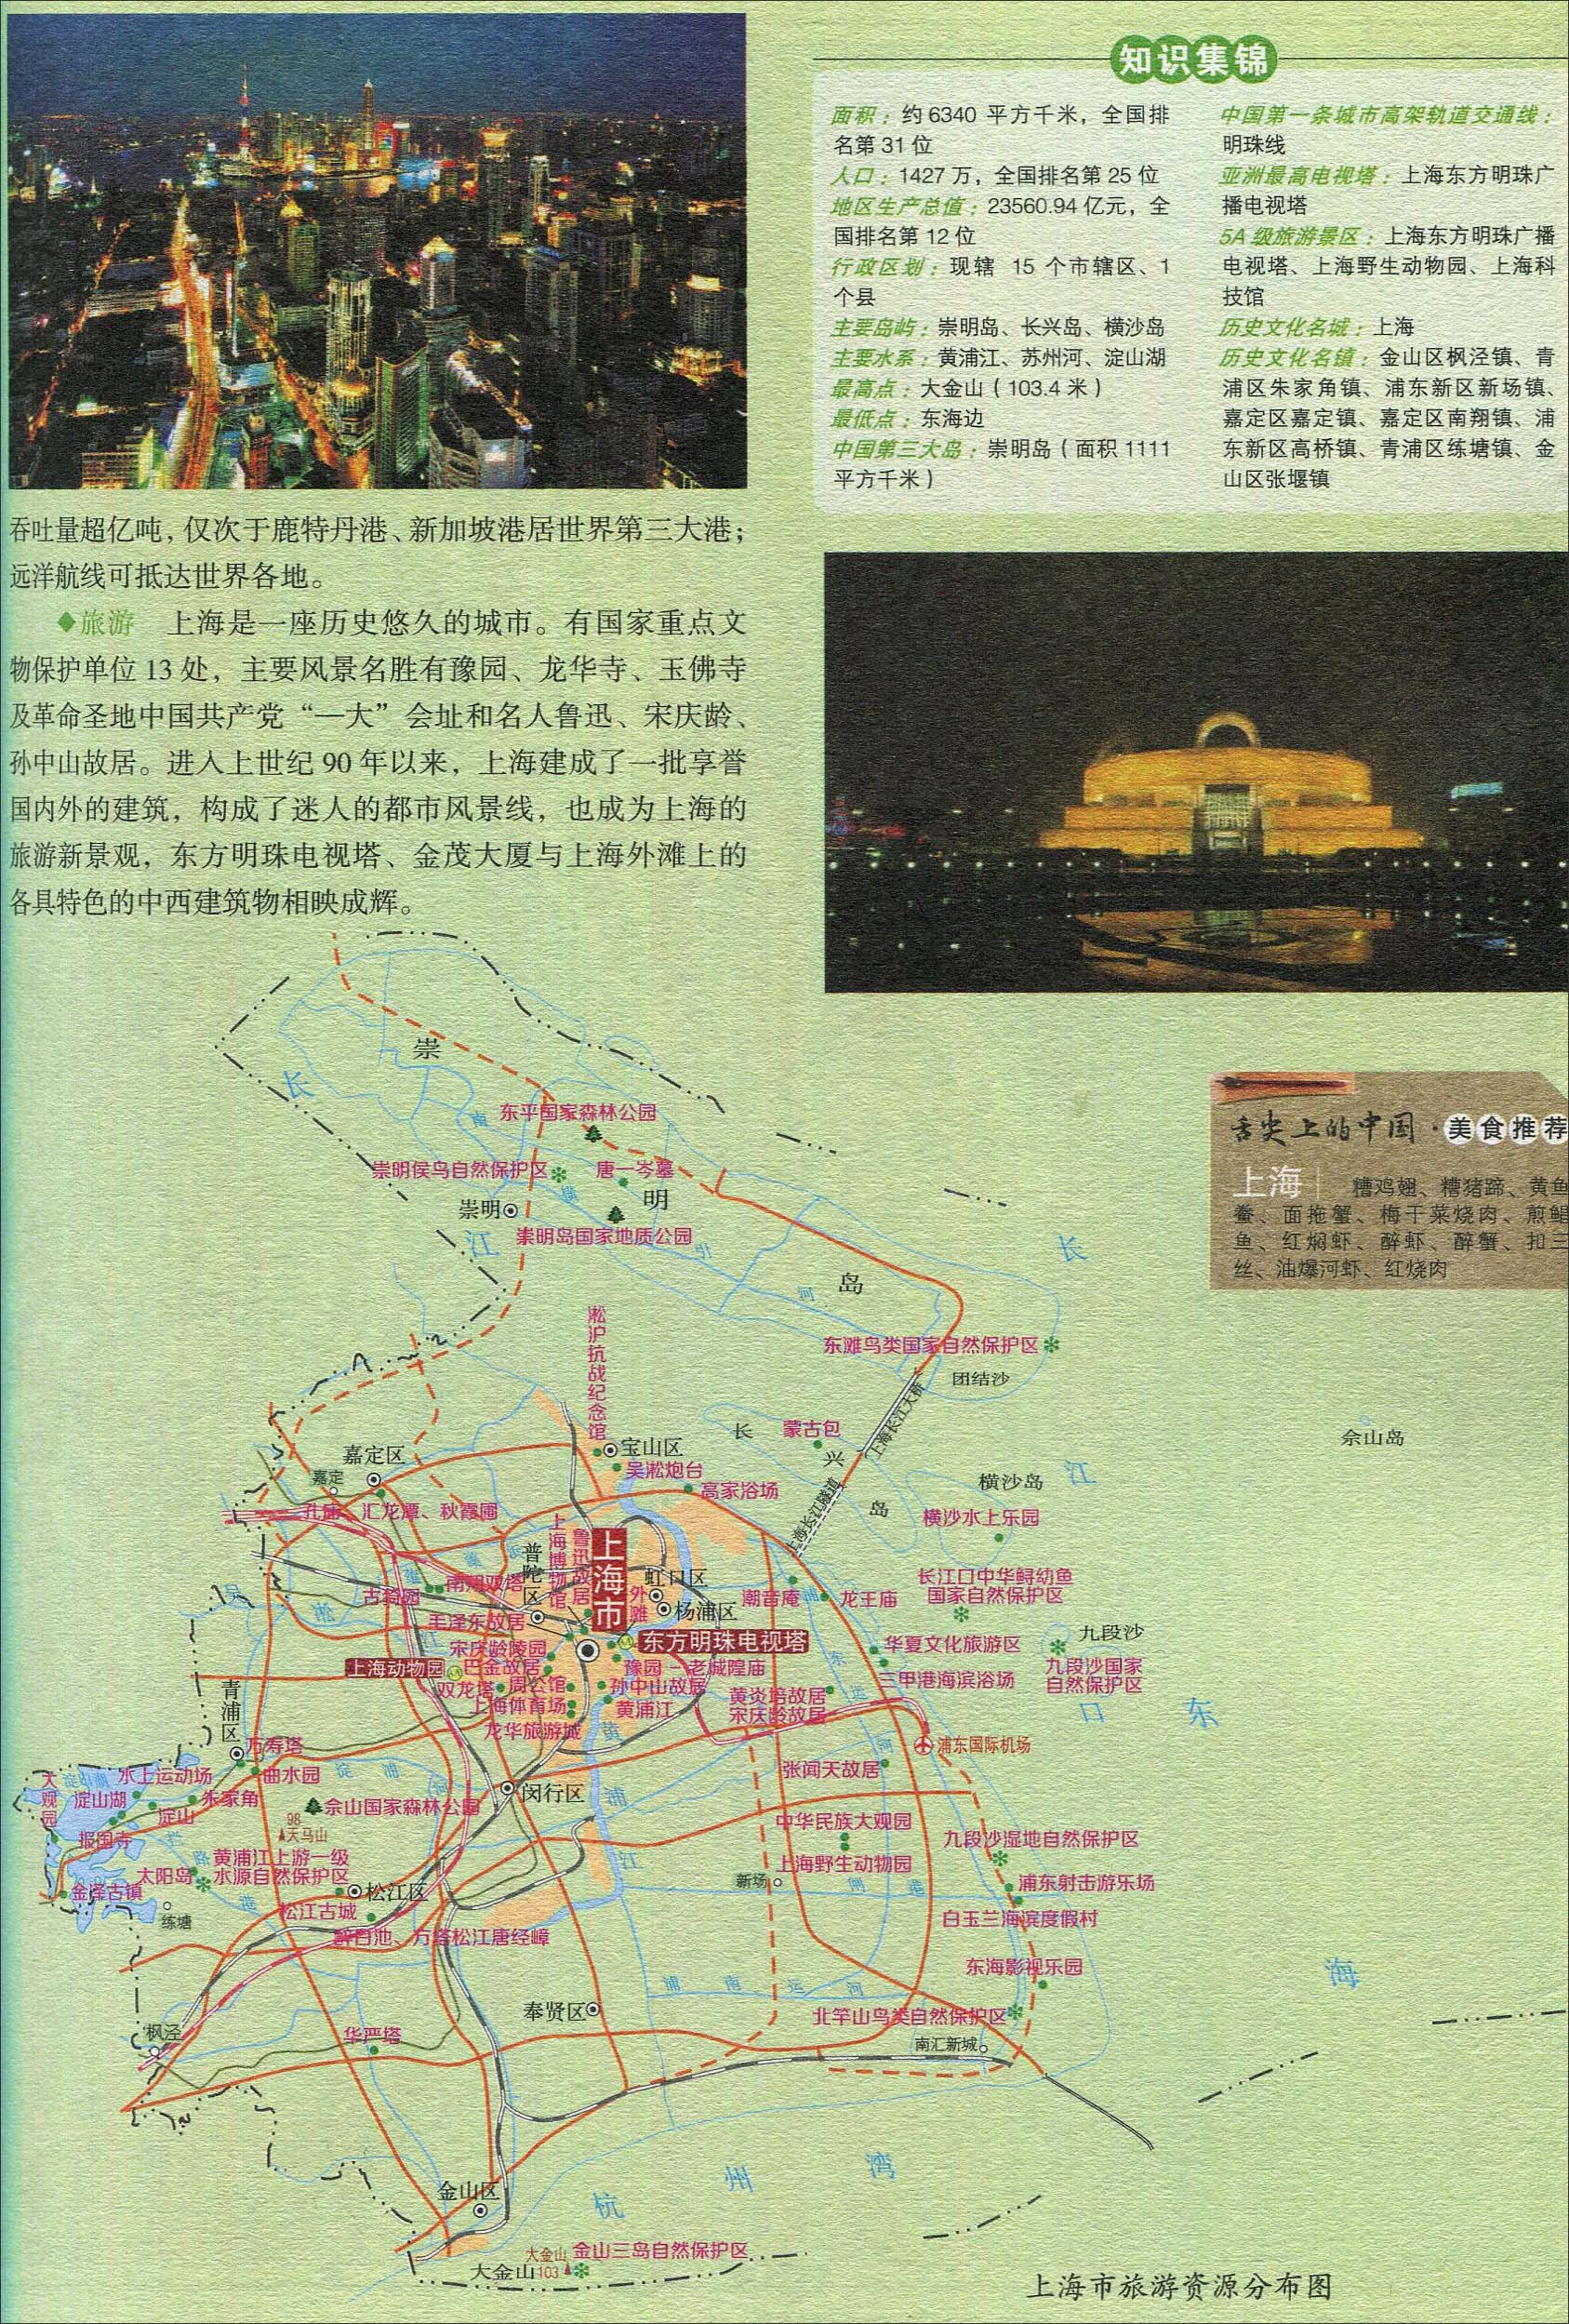 浙江旅游景点大全_上海旅游资源分布图_上海旅游地图库_地图窝